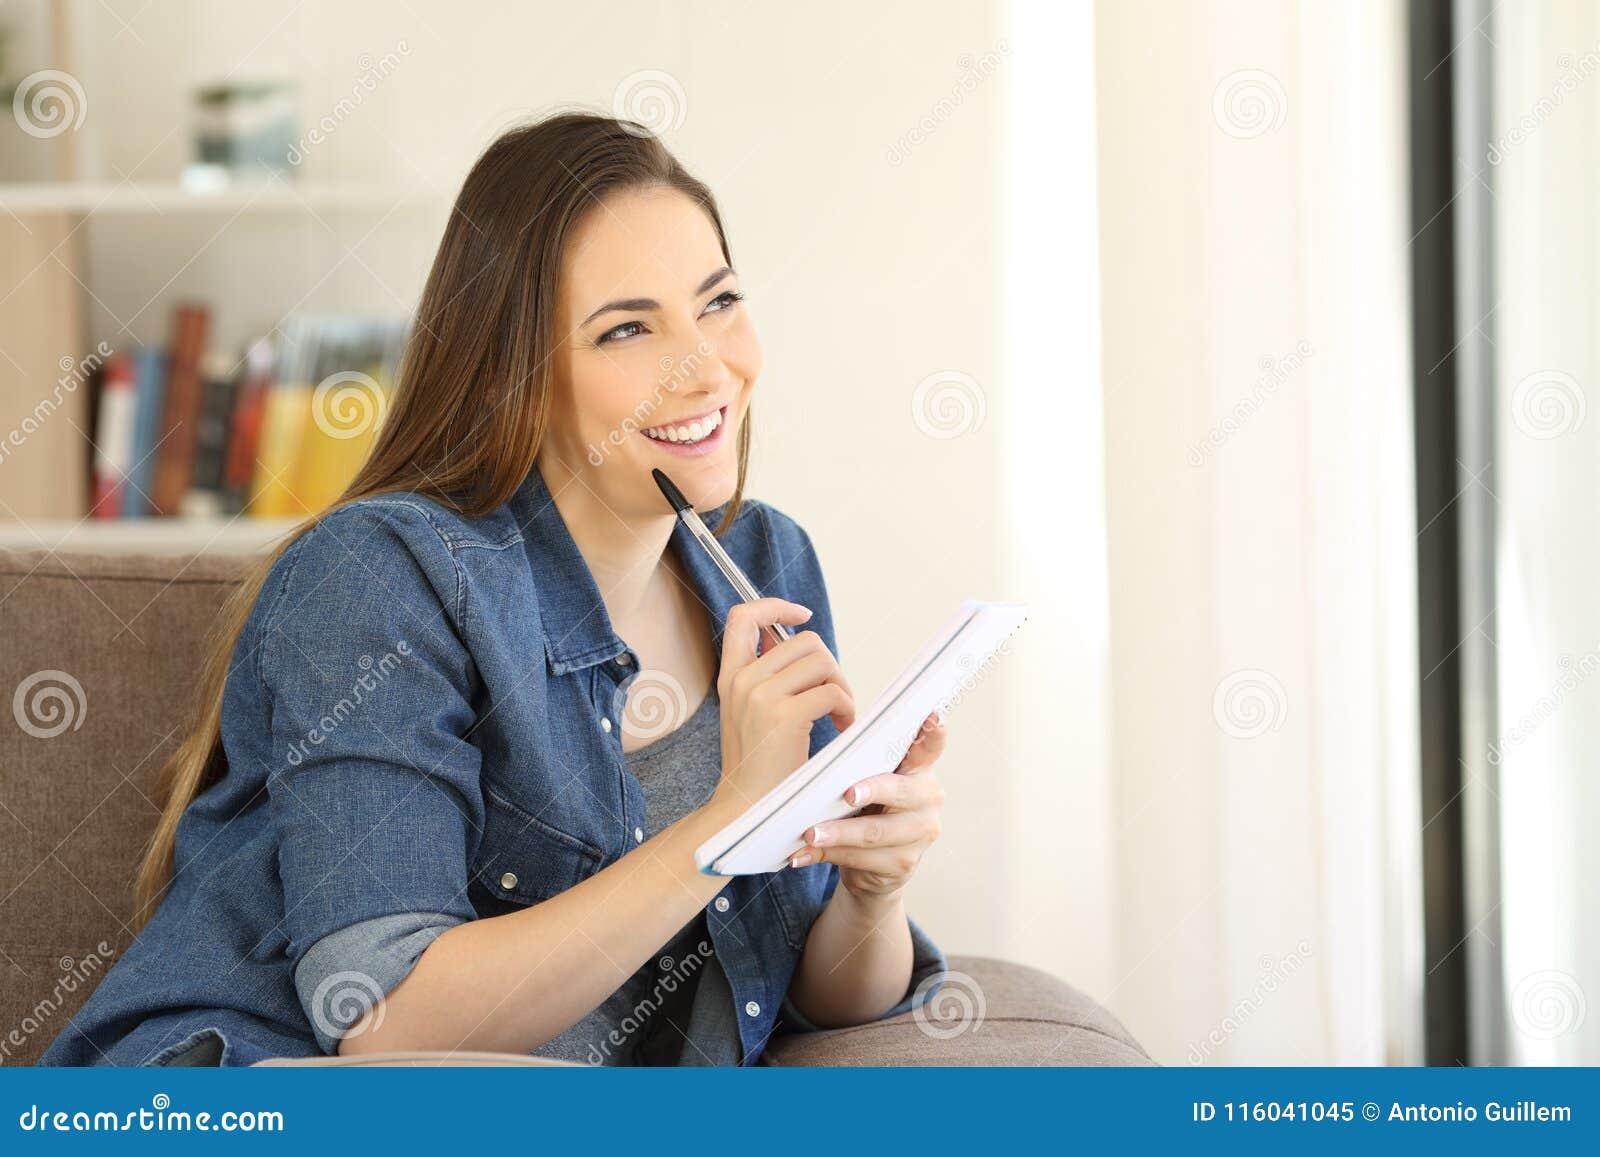 认为怎样的愉快的妇女写在笔记本